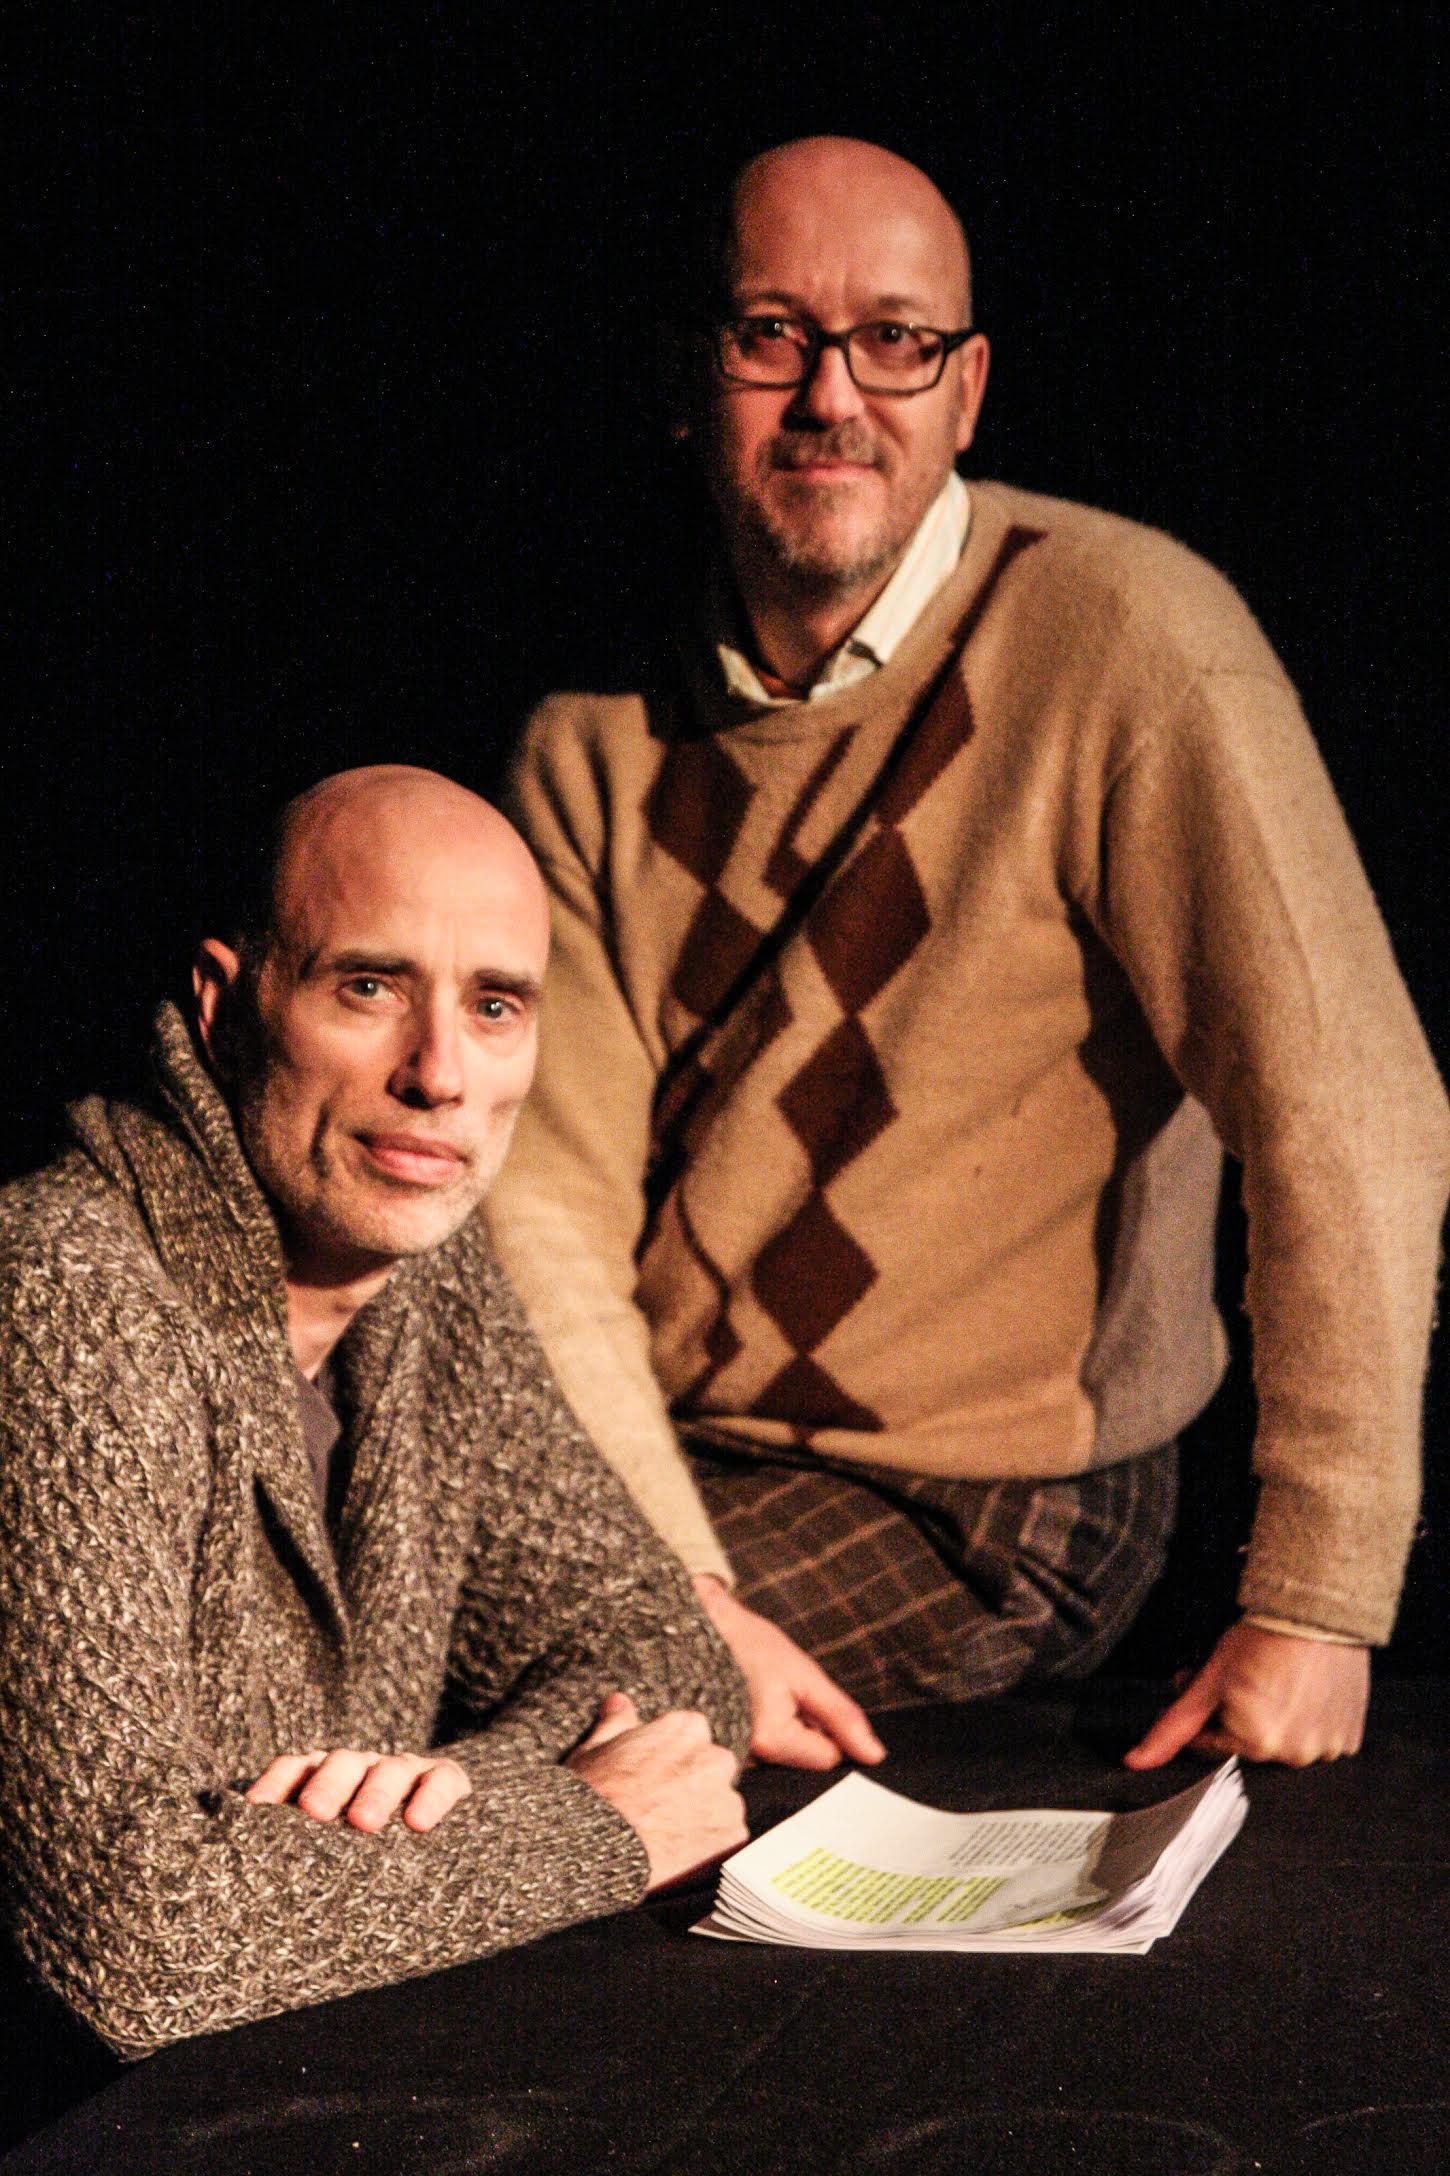 James Hyndman et Stéphane Lépine (crédit photo Julie Rivard)